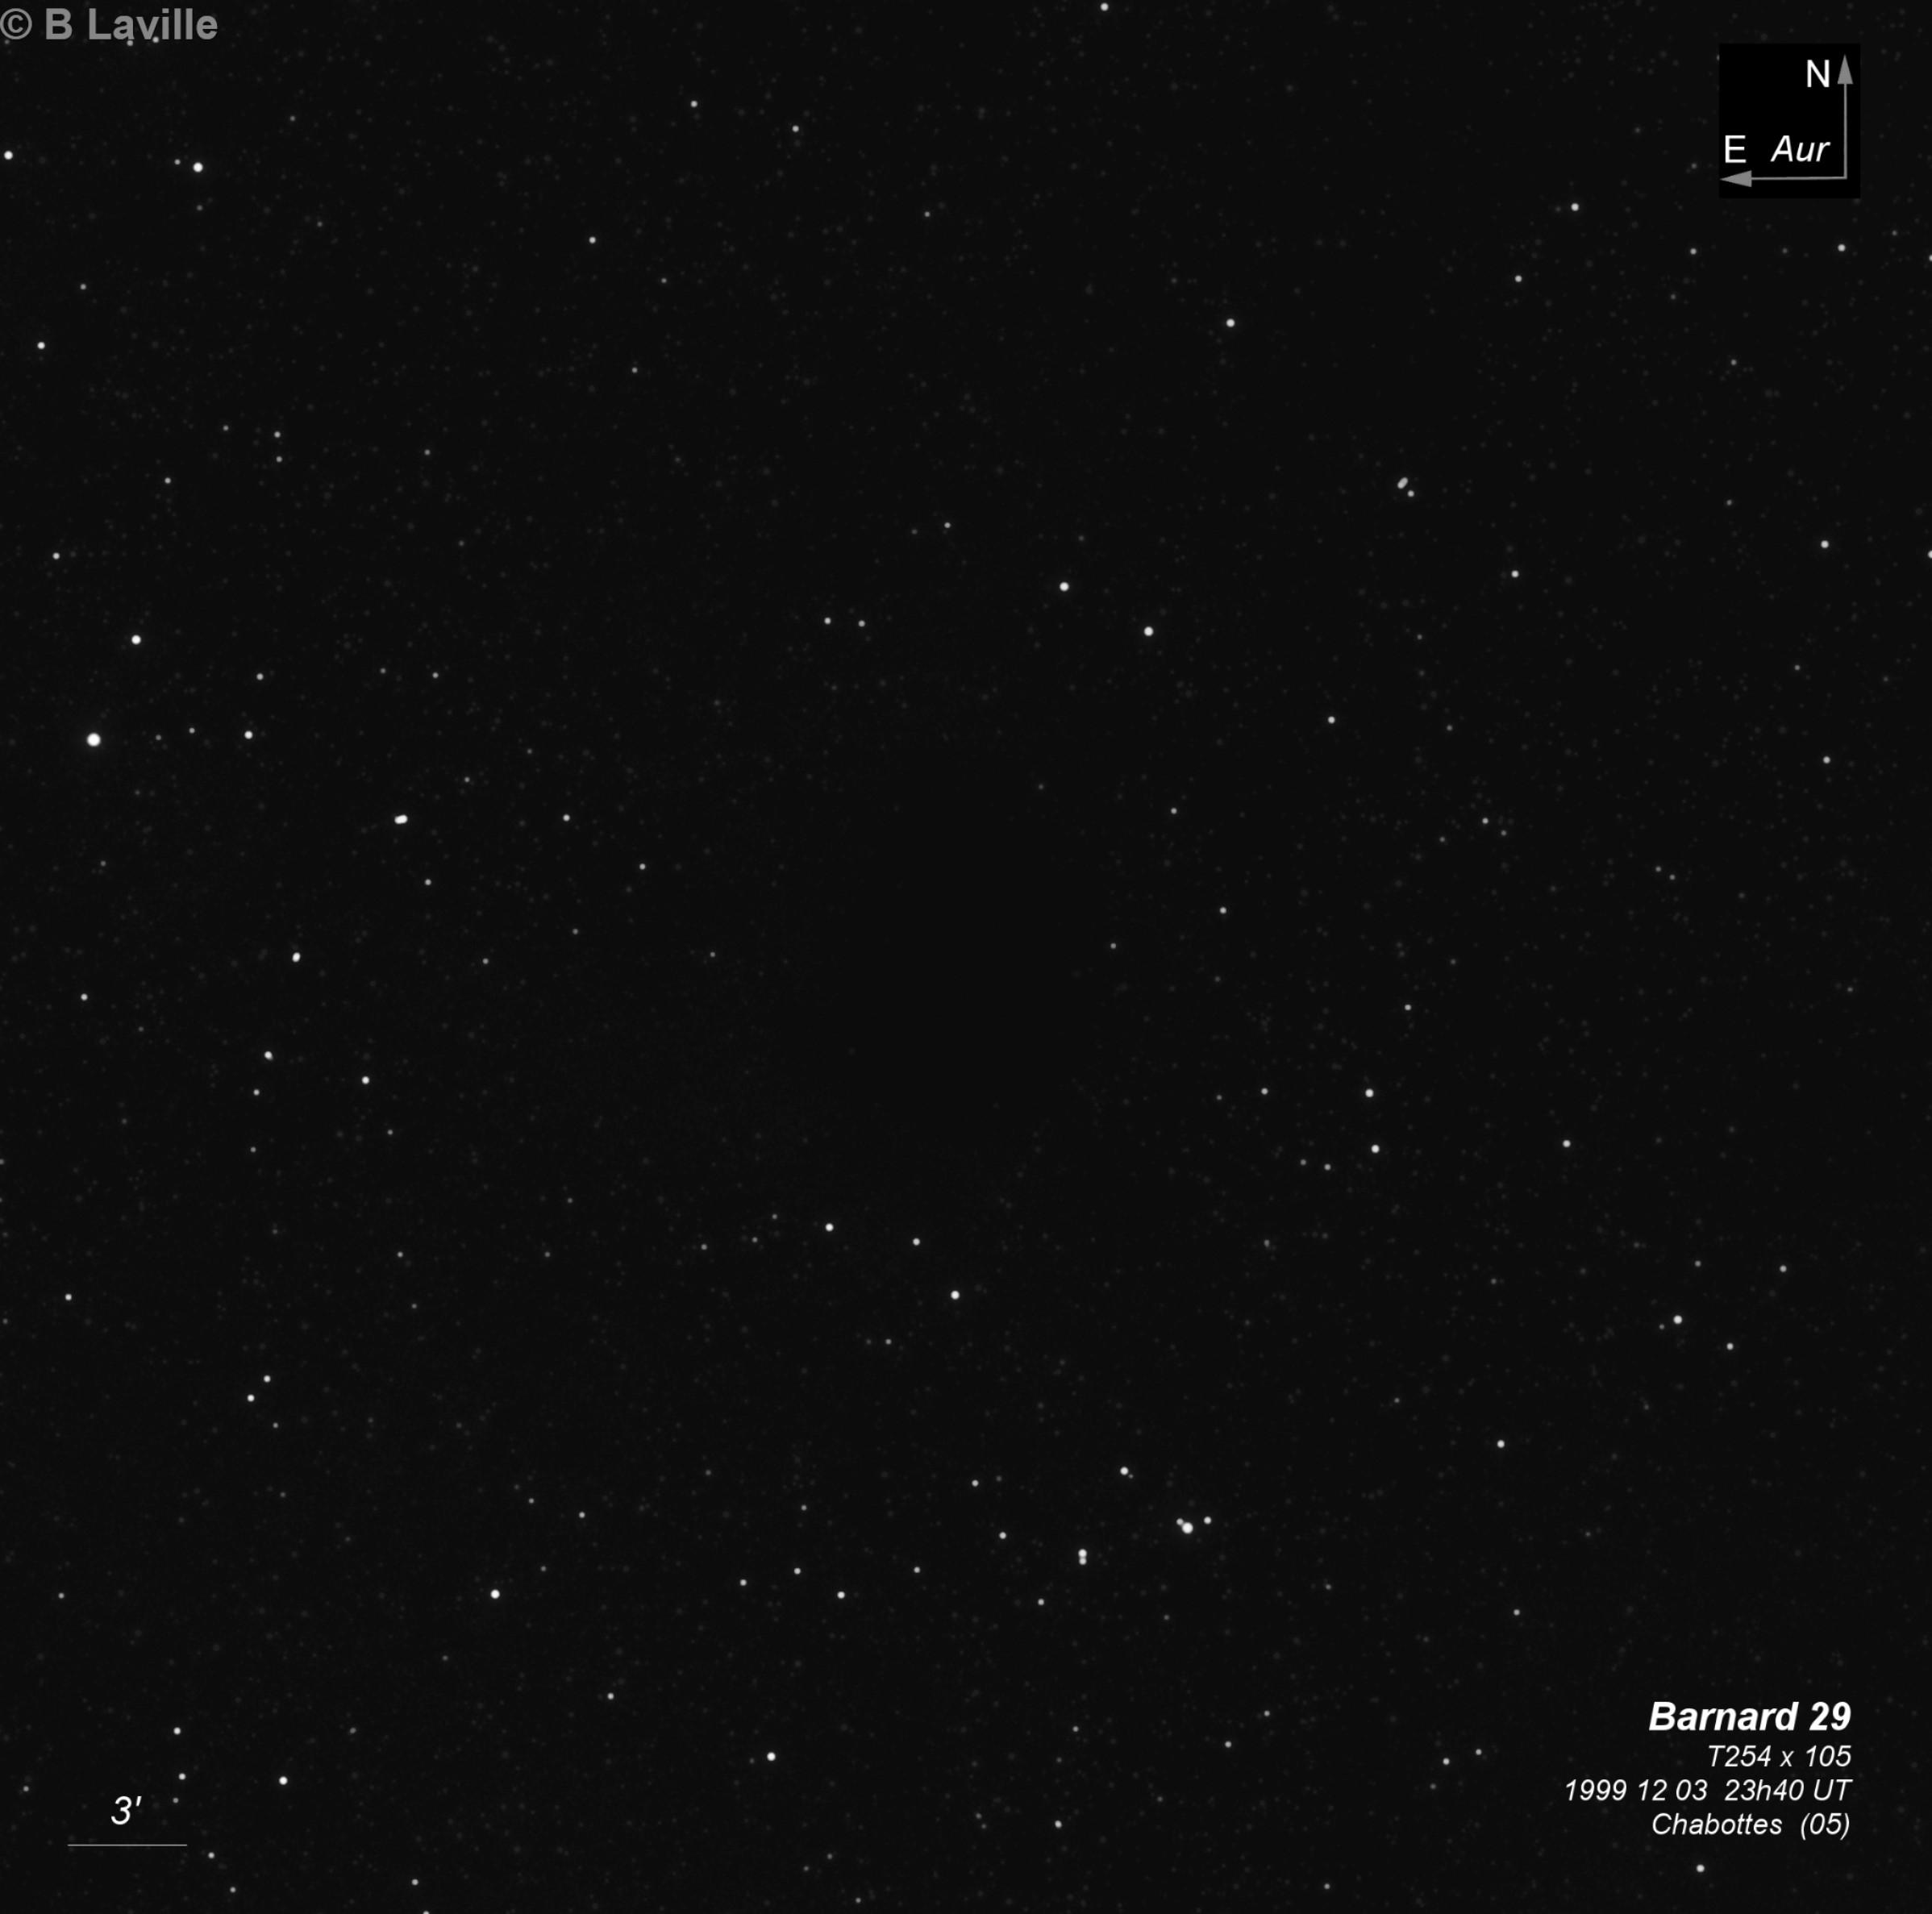 Barnard 29